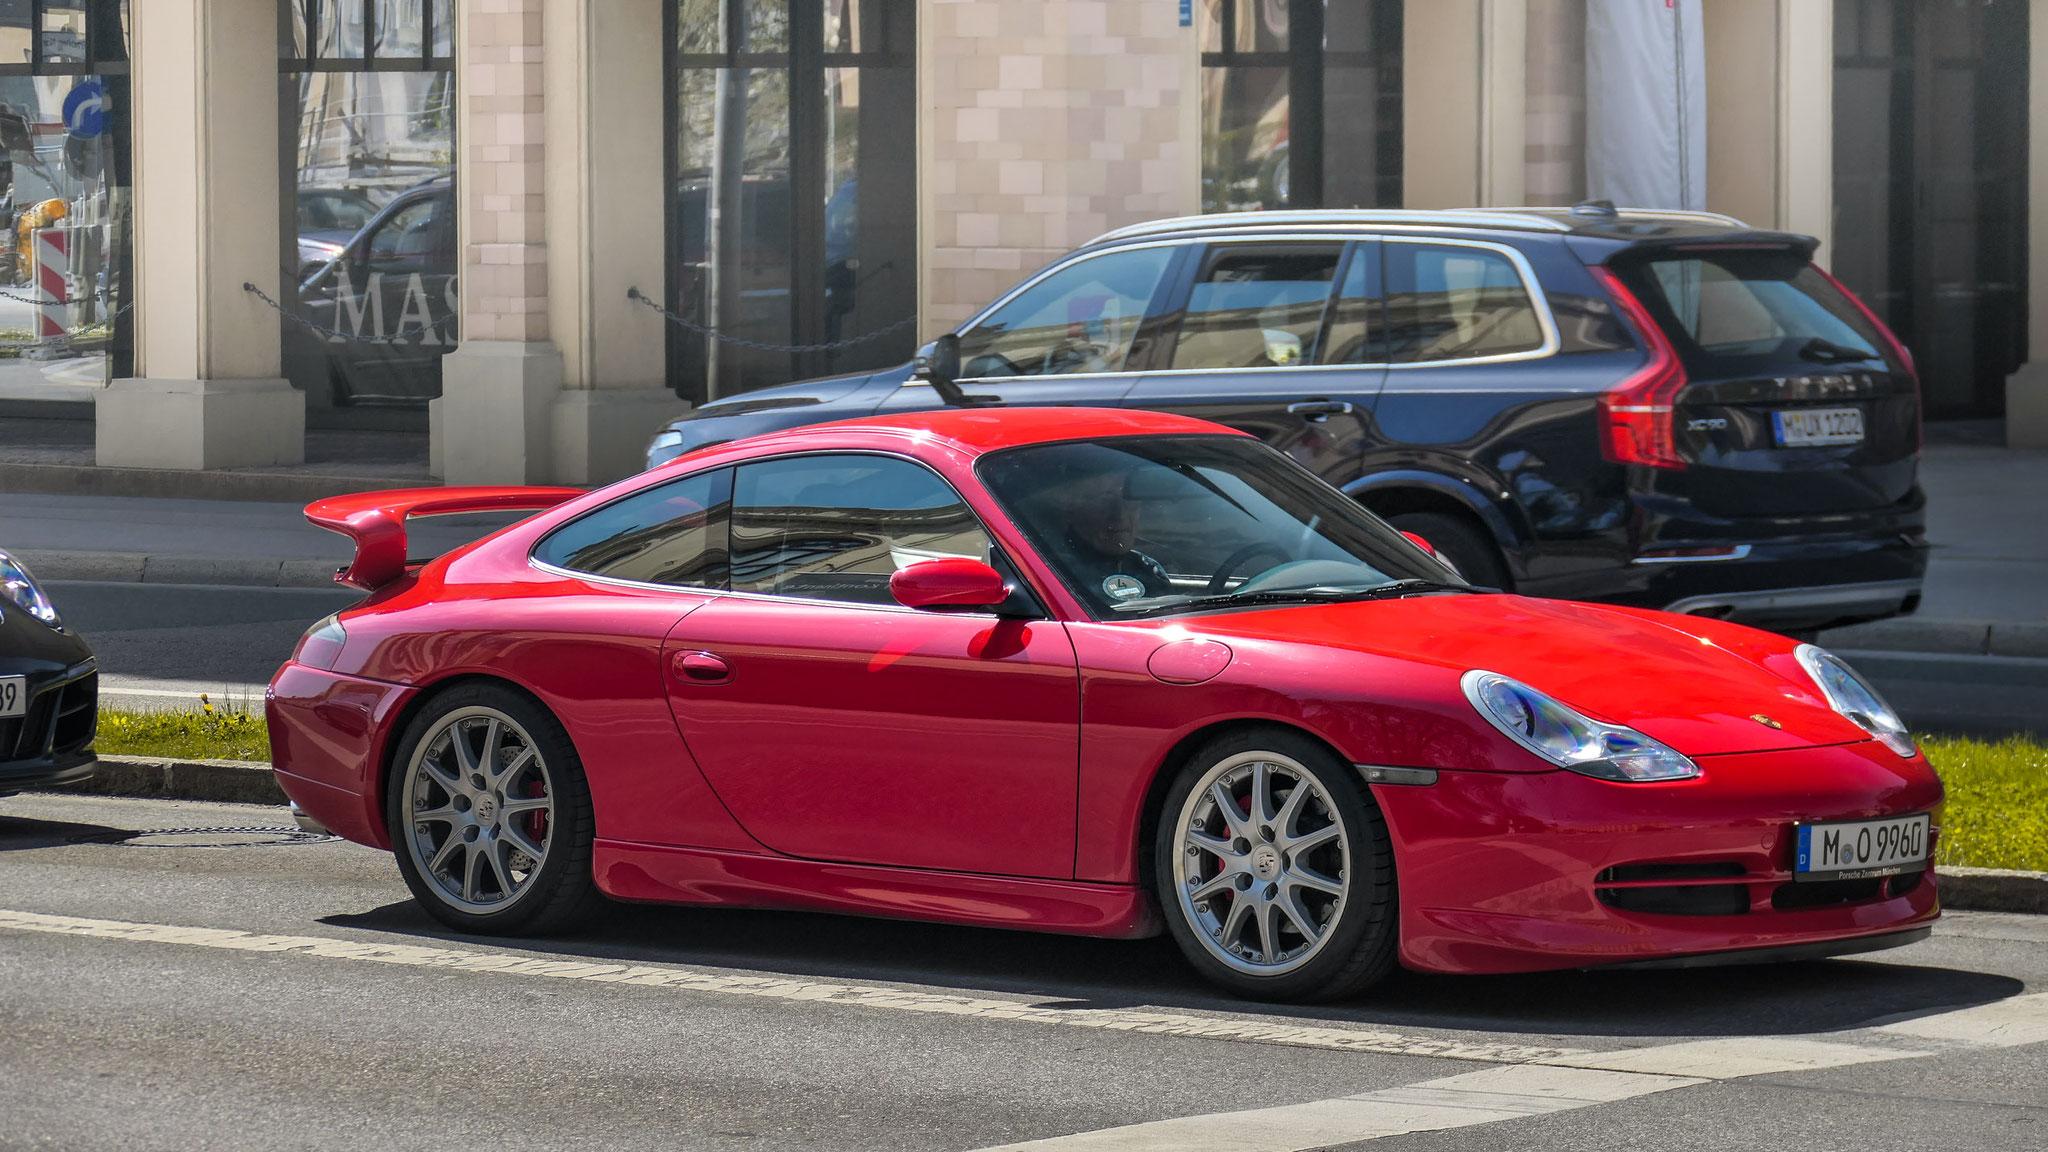 Porsche GT3 996 - M-O-9960